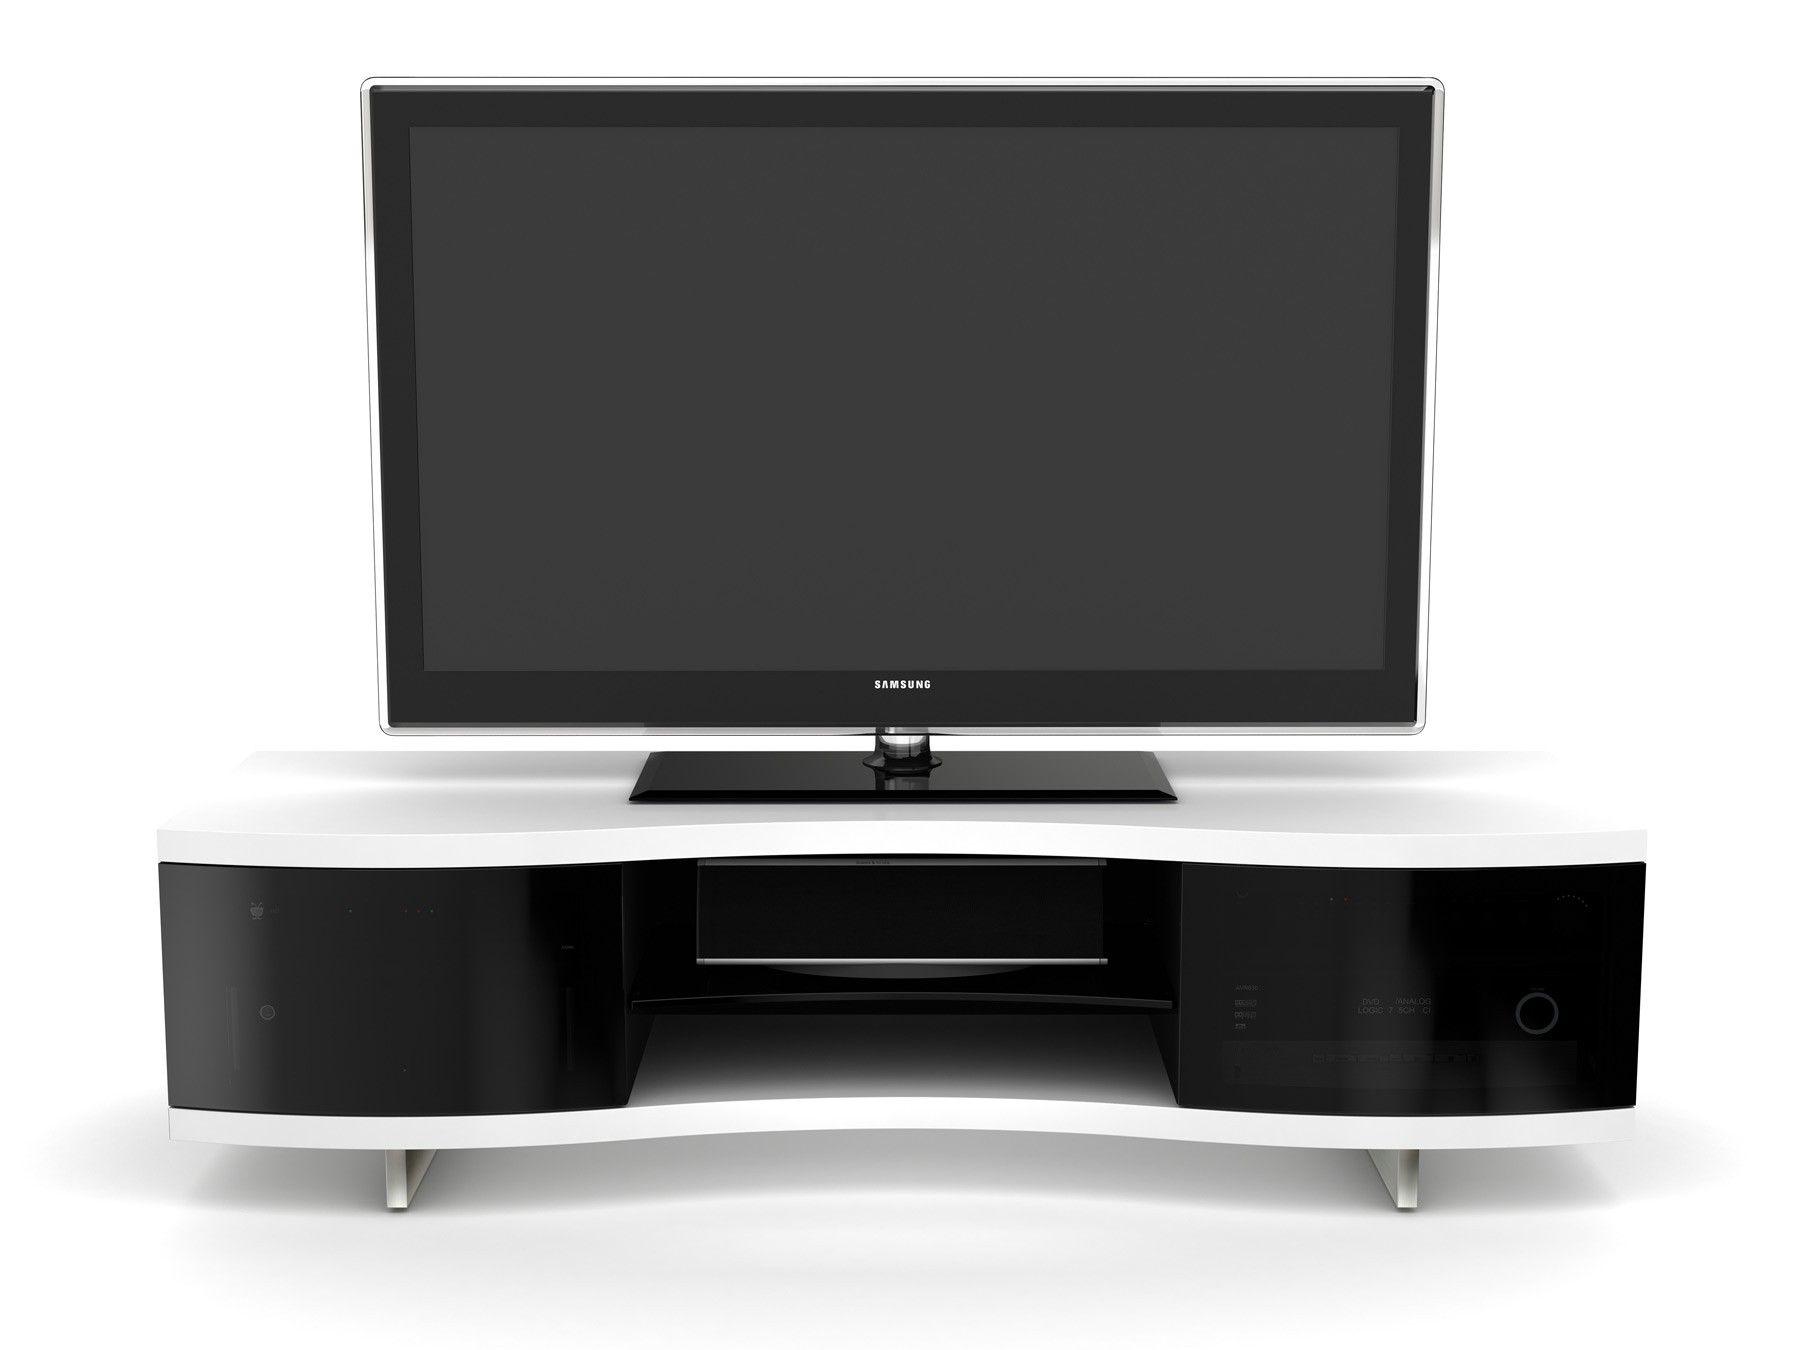 картинки столиков для телевизора меня есть желание